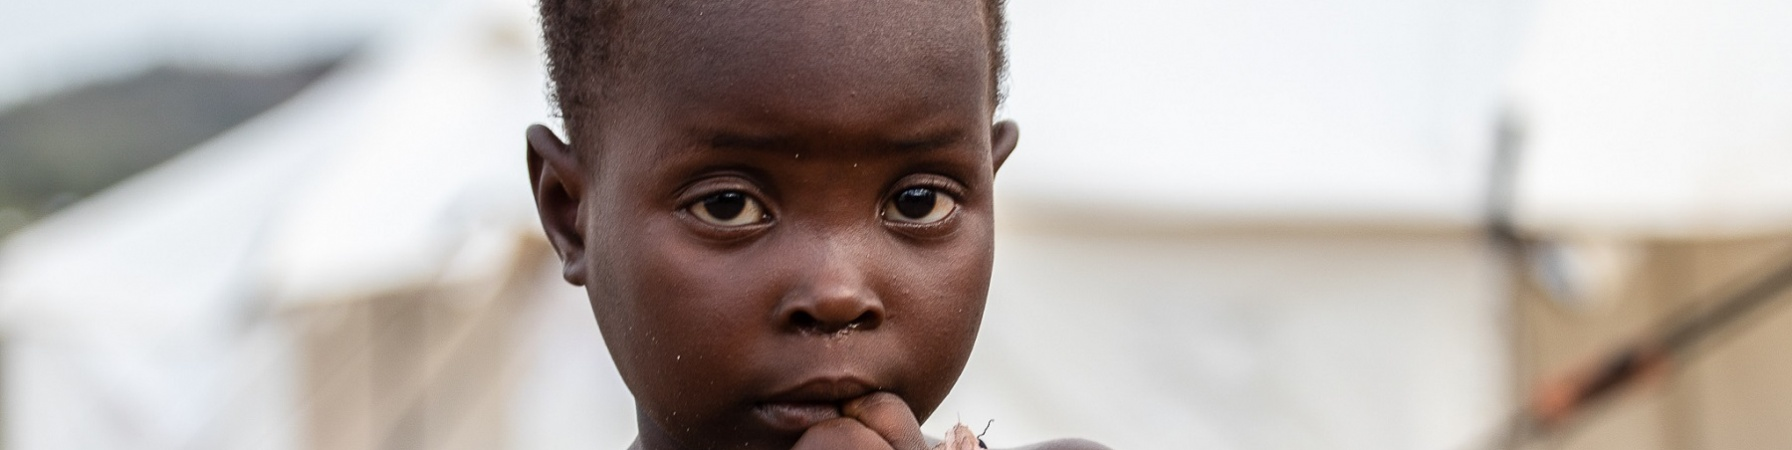 Bambina in primo piano con mano in bocca